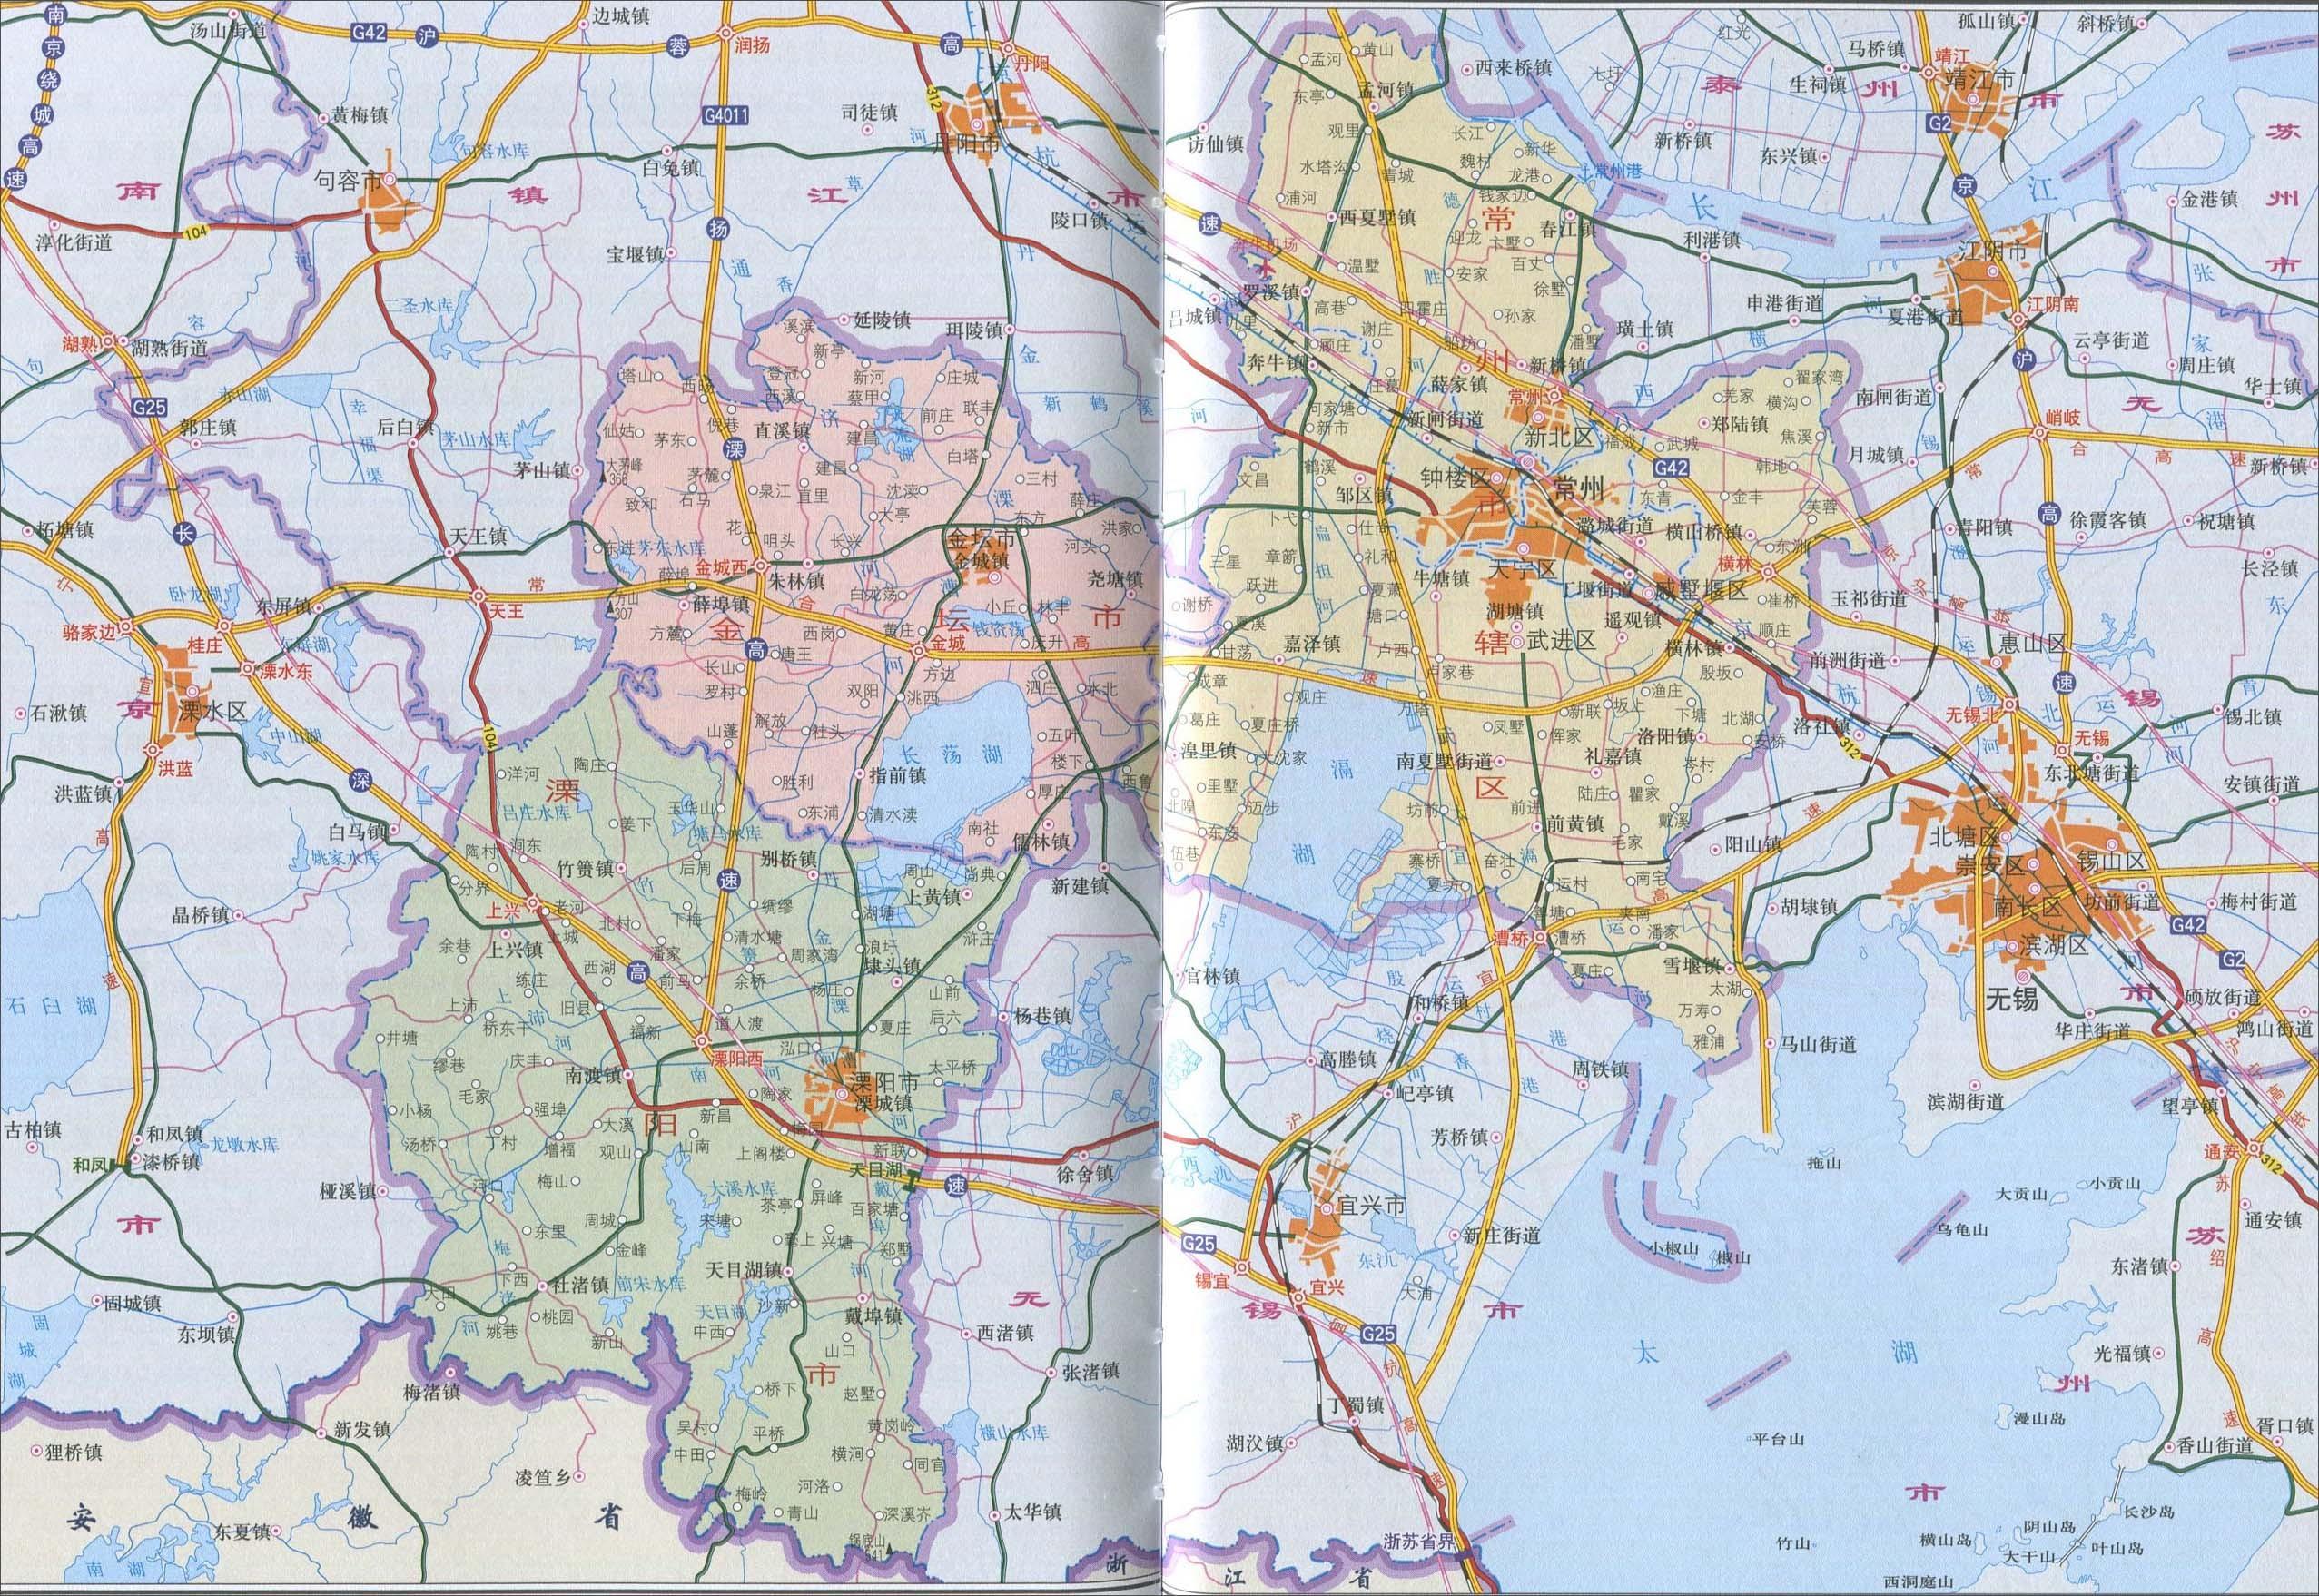 常州市地图